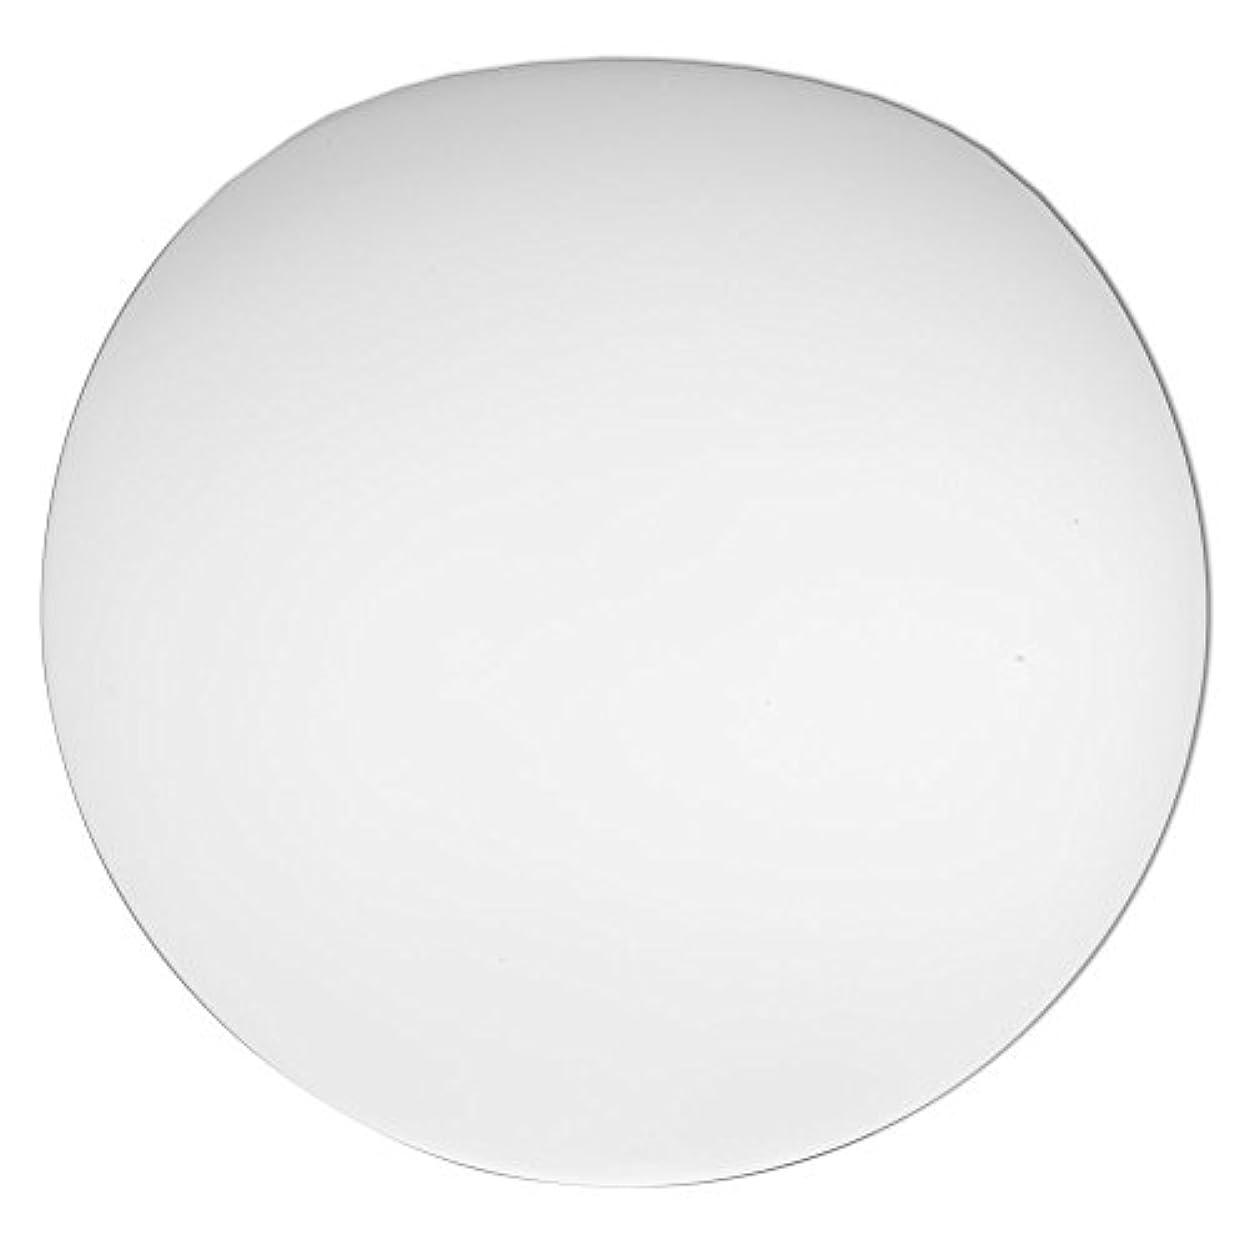 レーダーデュアル予測子Lithonia Lighting DGLOB6 M12 Replacement Glass Diffuser White [並行輸入品]